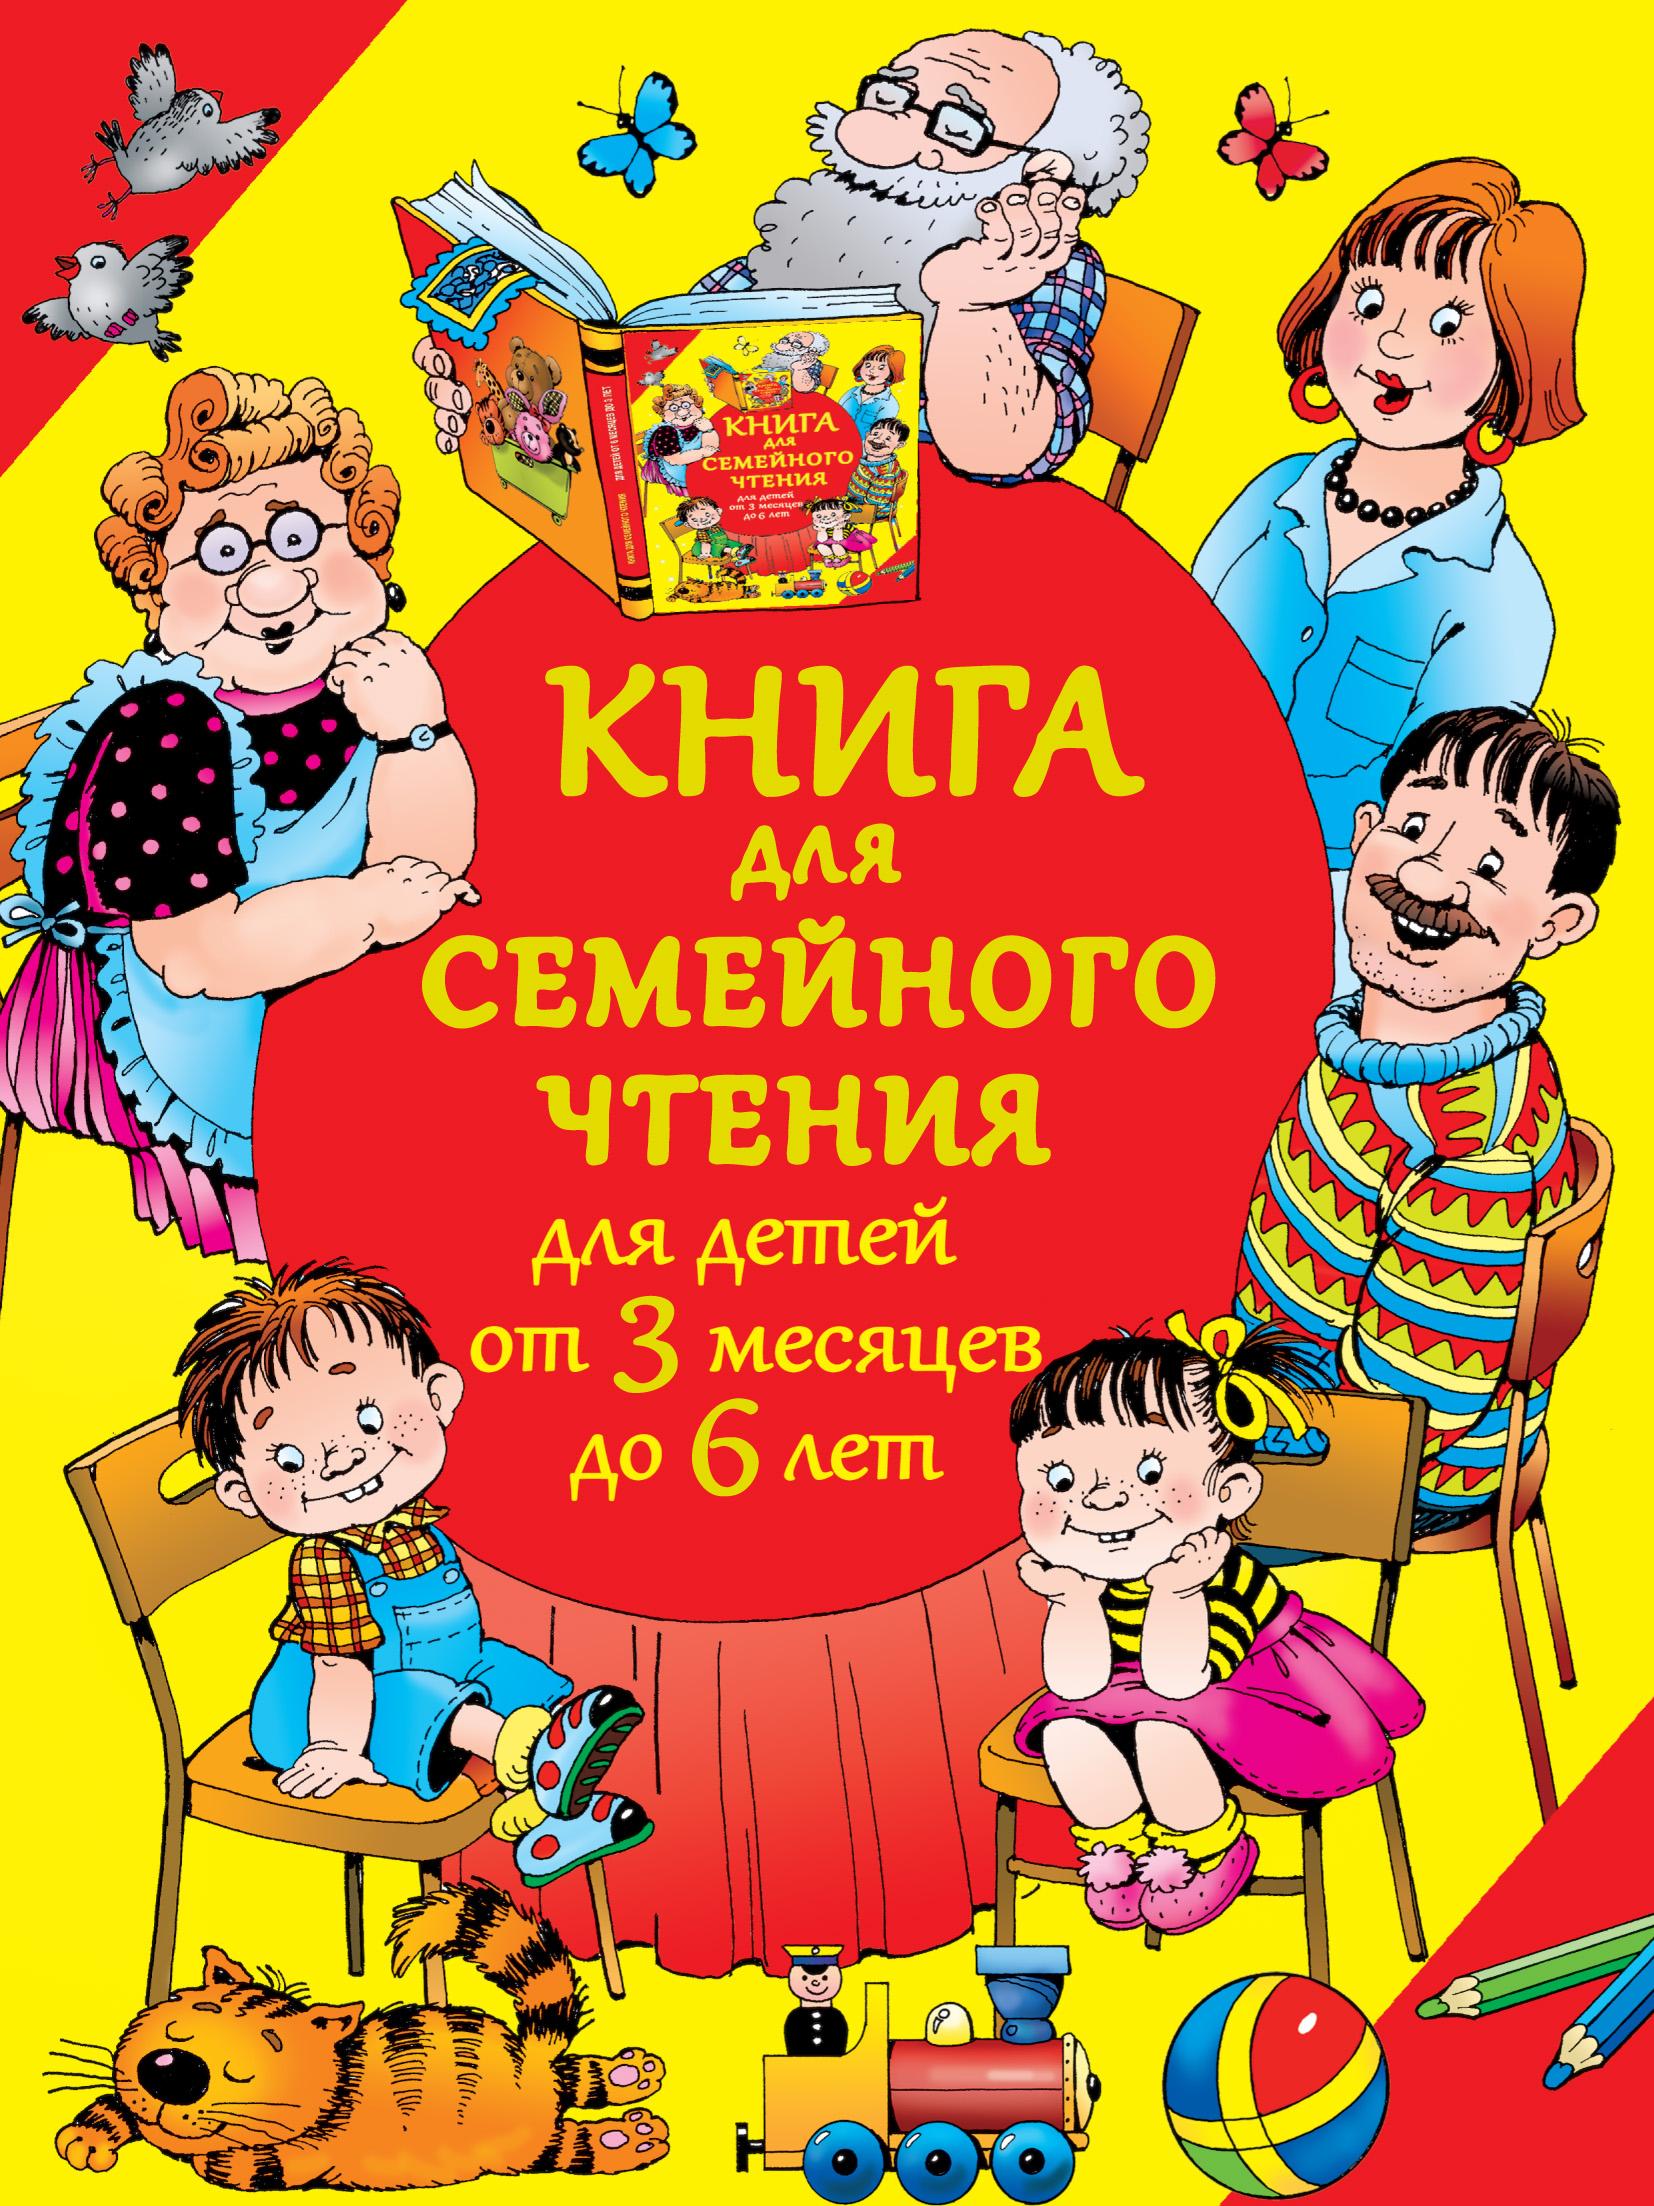 Отсутствует Книга для семейного чтения для детей от 3 месяцев до 6 лет цыганков и блохина и худ книга для чтения детям от 6 месяцев до 3 лет стихи сказки песенки потешки загадки